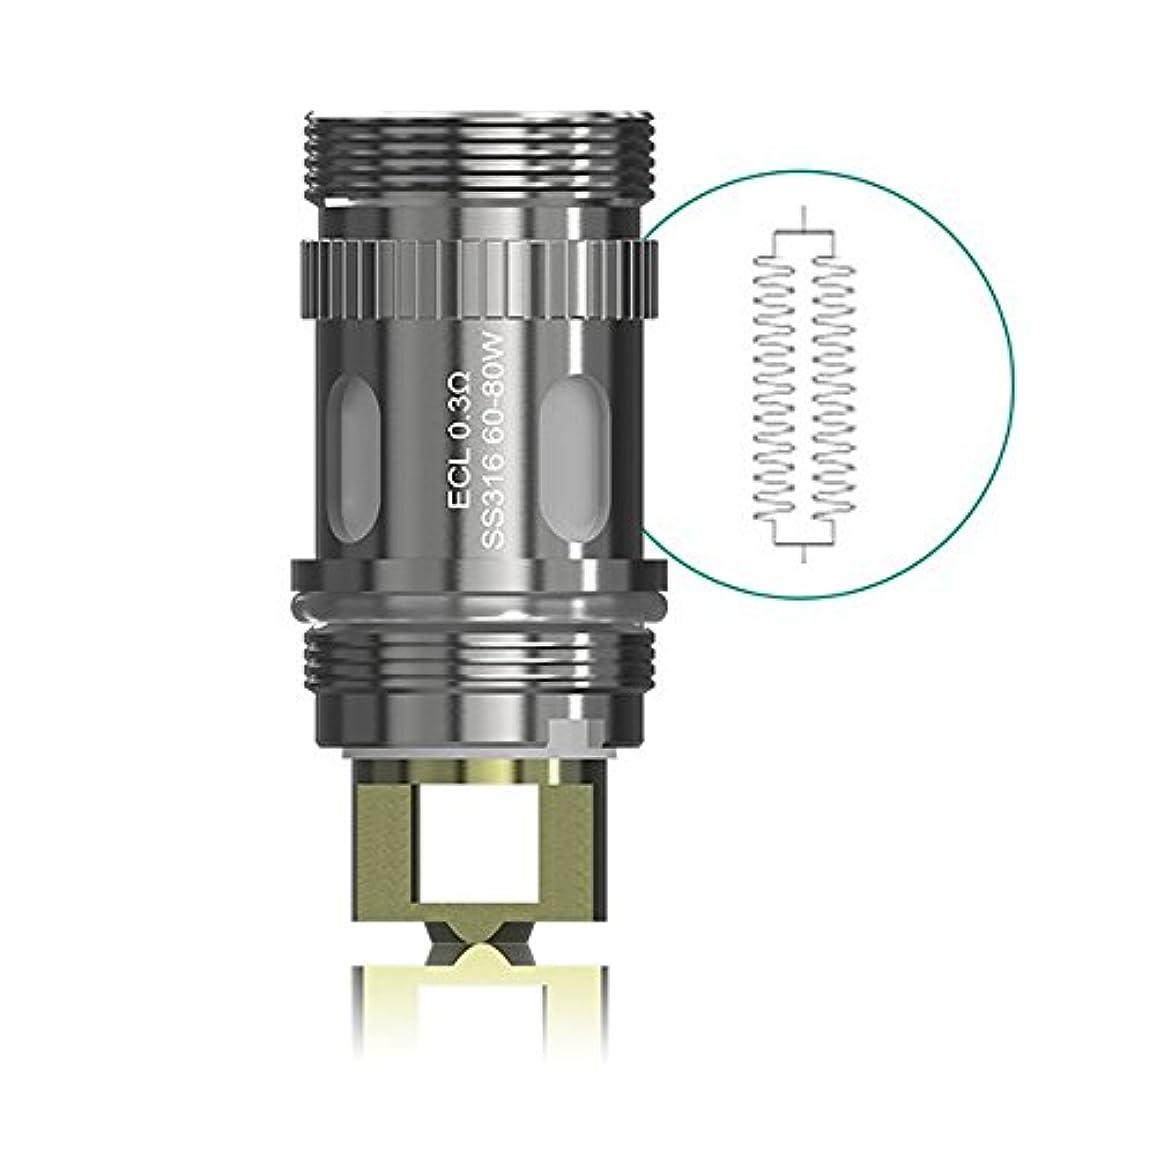 ホットセクション下線(イーリーフ) Eleaf Meloシリーズ 専用コイル ECLヘッド SS316 電子タバコ コイル メロ 0.3Ω 5個セット